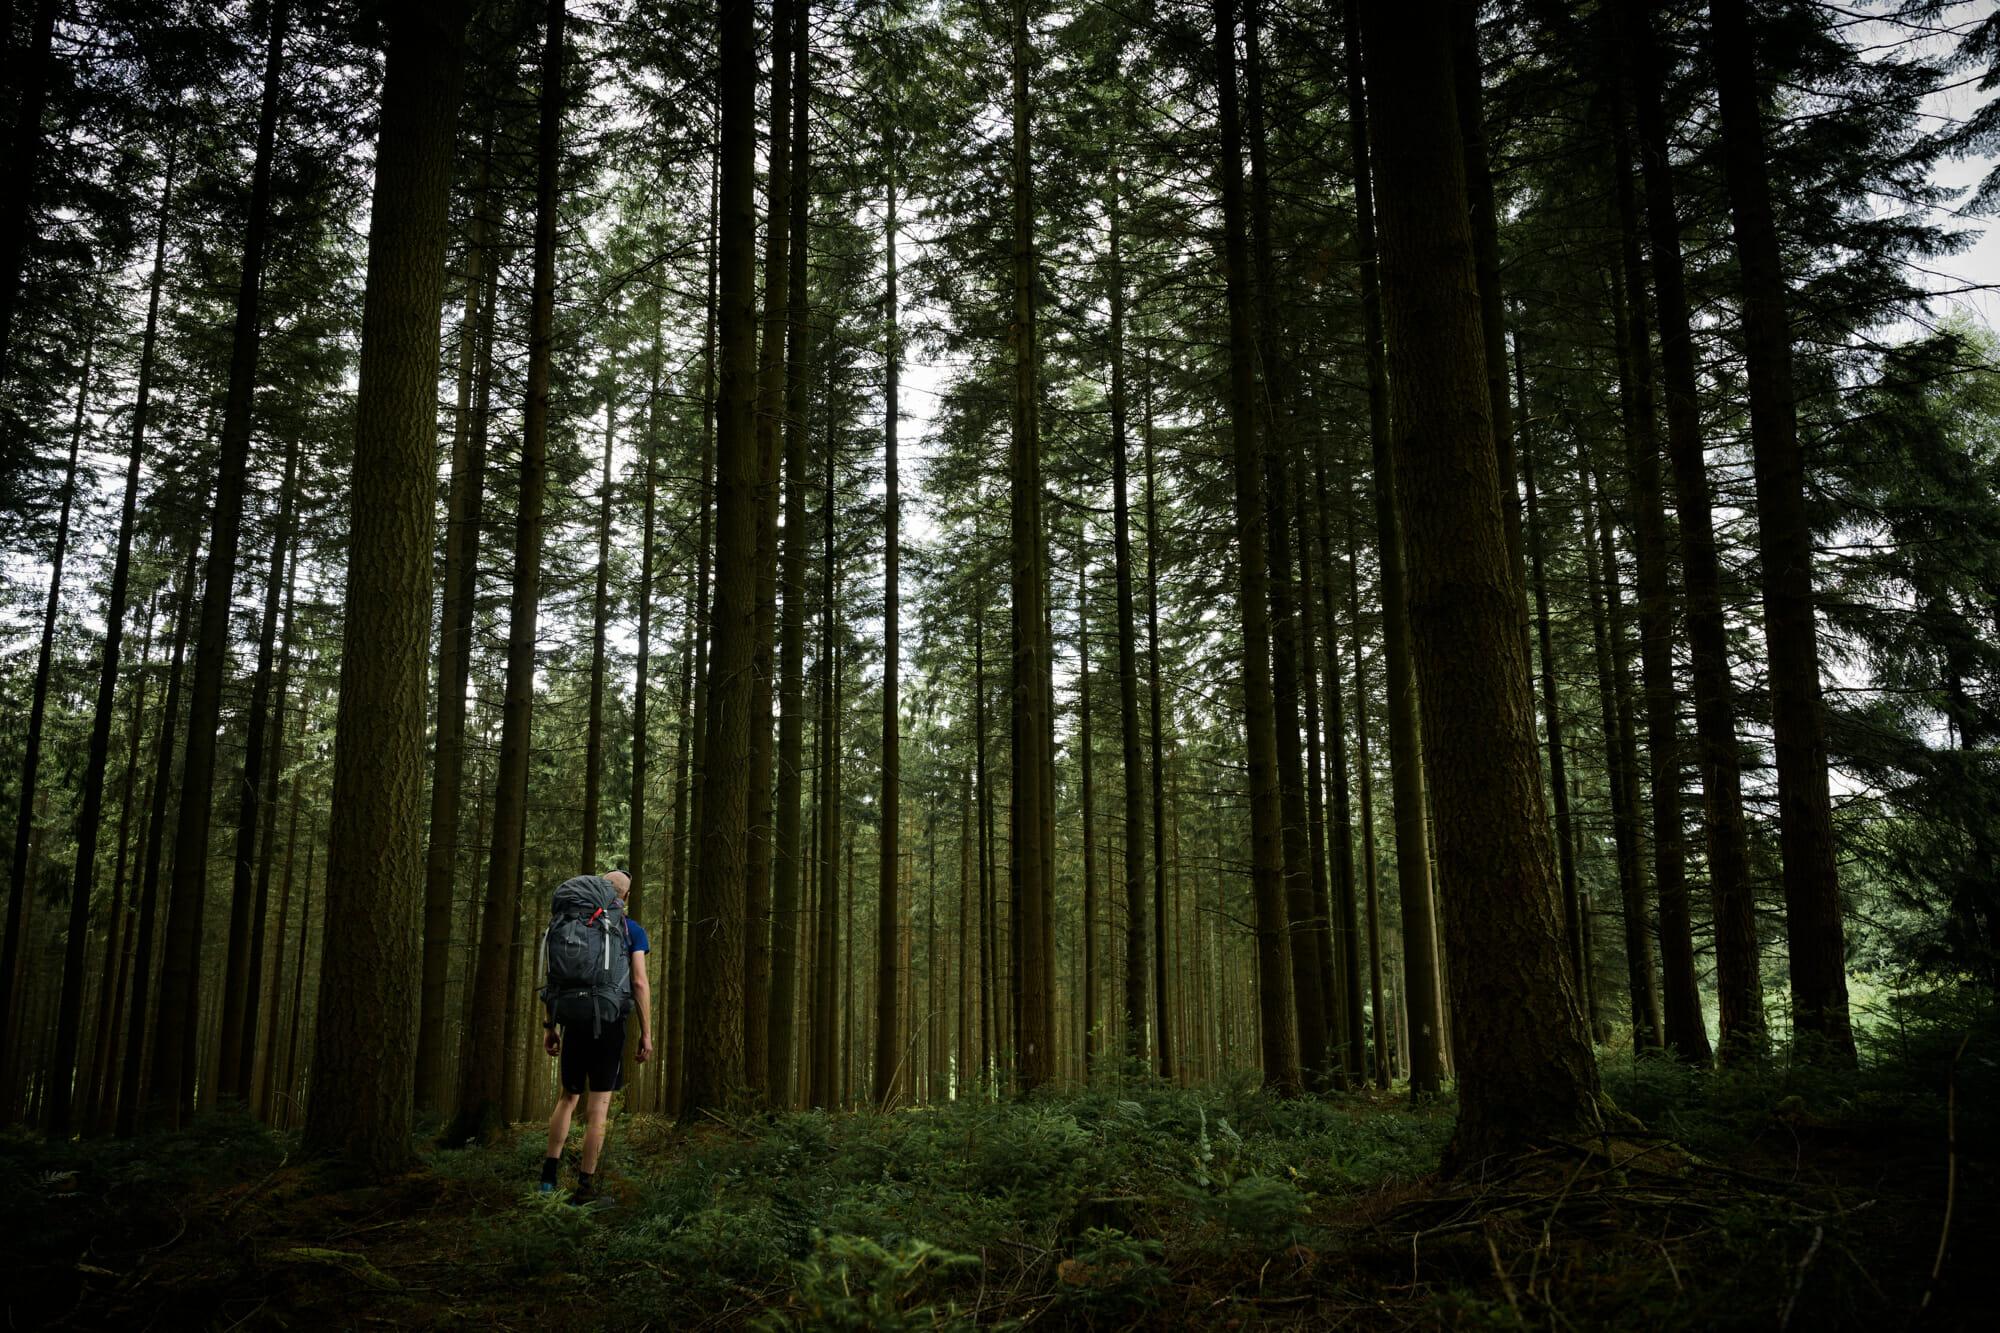 Randonneur dans les bois de la Croix Scaille en Ardenne namuroise (en Province de Namur)